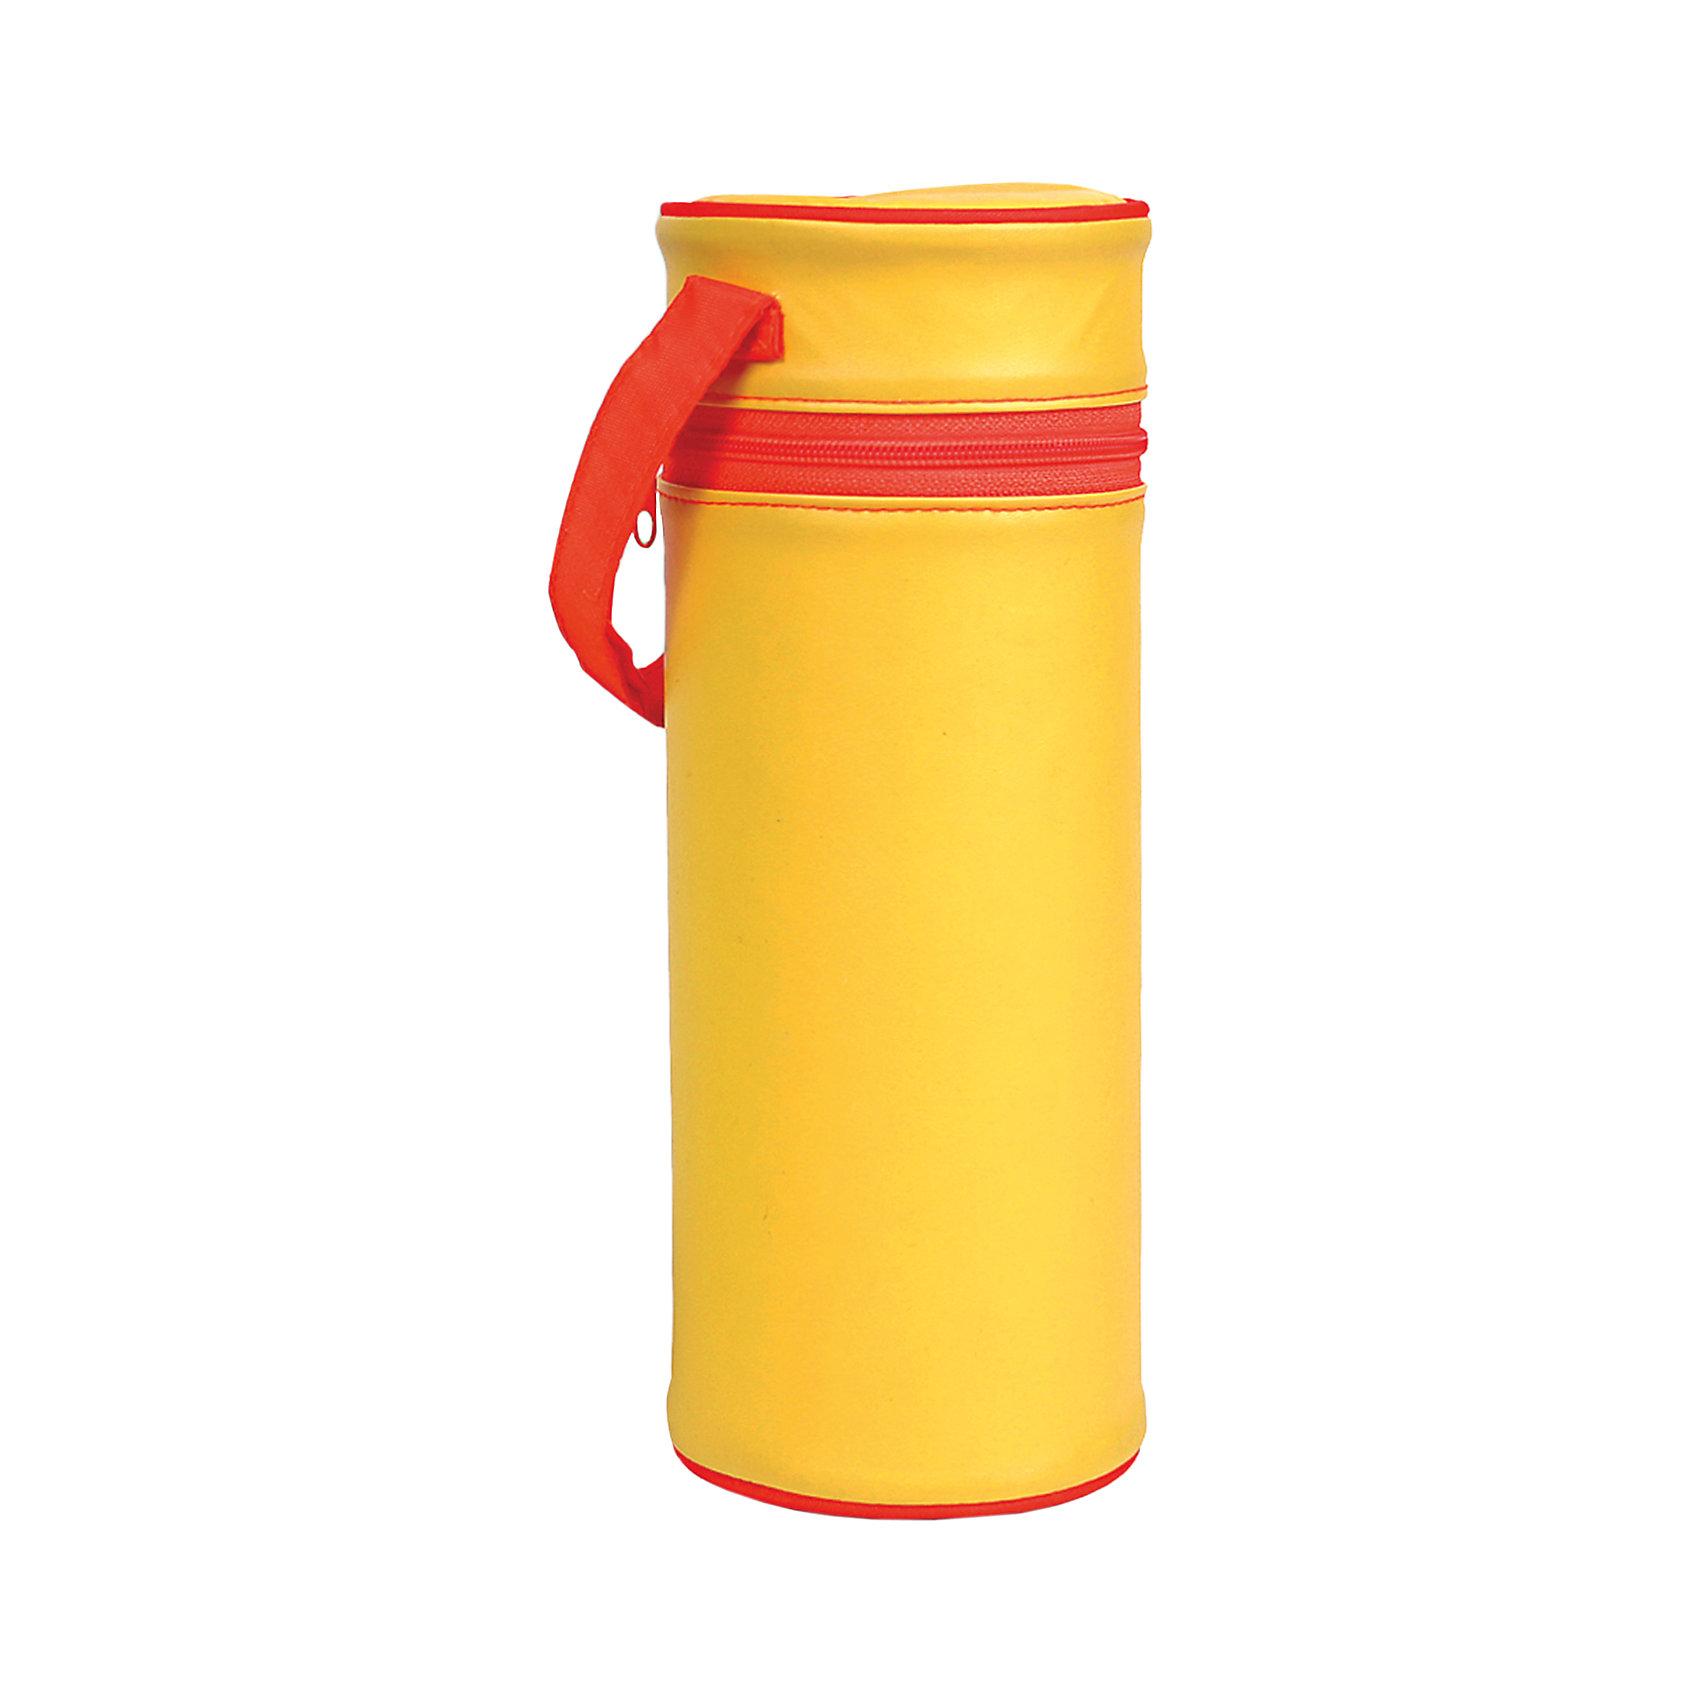 Контейнер для стандартной бутылочки, Kurnosiki, желтыйХарактеристики:<br><br>• Наименование: контейнер для бутылочки<br>• Материал: ПВХ, полиуретан<br>• Пол: универсальный<br>• Цвет: желтый<br>• Универсальный размер: вмещают бутылочки объемом до 250 мл<br>• Предусмотрена ручка для подвешивания<br>• Застежка-молния<br>• Вес: 200 г<br>• Параметры (Д*Ш*В): 15*10*20 см <br>• Упаковка: пакет<br>• Особенности ухода: влажная и сухая чистка<br><br>Контейнер для стандартной бутылочки, Kurnosiki, зеленый в виде термоса выполнен из сочетания ПВХ и полиуретена, которые обеспечивают сохранение температуры детского питания в бутылочке. У изделия предусмотрена крышка на застежке-молнии, которая усиливает герметичность. <br><br>Футляр имеет легкий вес и компактный размер, нго удобно брать с собой в поездки и на прогулки. Для удобства использования предусмотрена ручка, за которую футляр можно подвешивать к коляске или сумочке.<br><br>Контейнер для стандартной бутылочки, Kurnosiki, желтый можно купить в нашем интернет-магазине.<br><br>Ширина мм: 90<br>Глубина мм: 120<br>Высота мм: 310<br>Вес г: 83<br>Возраст от месяцев: 0<br>Возраст до месяцев: 18<br>Пол: Унисекс<br>Возраст: Детский<br>SKU: 5428678